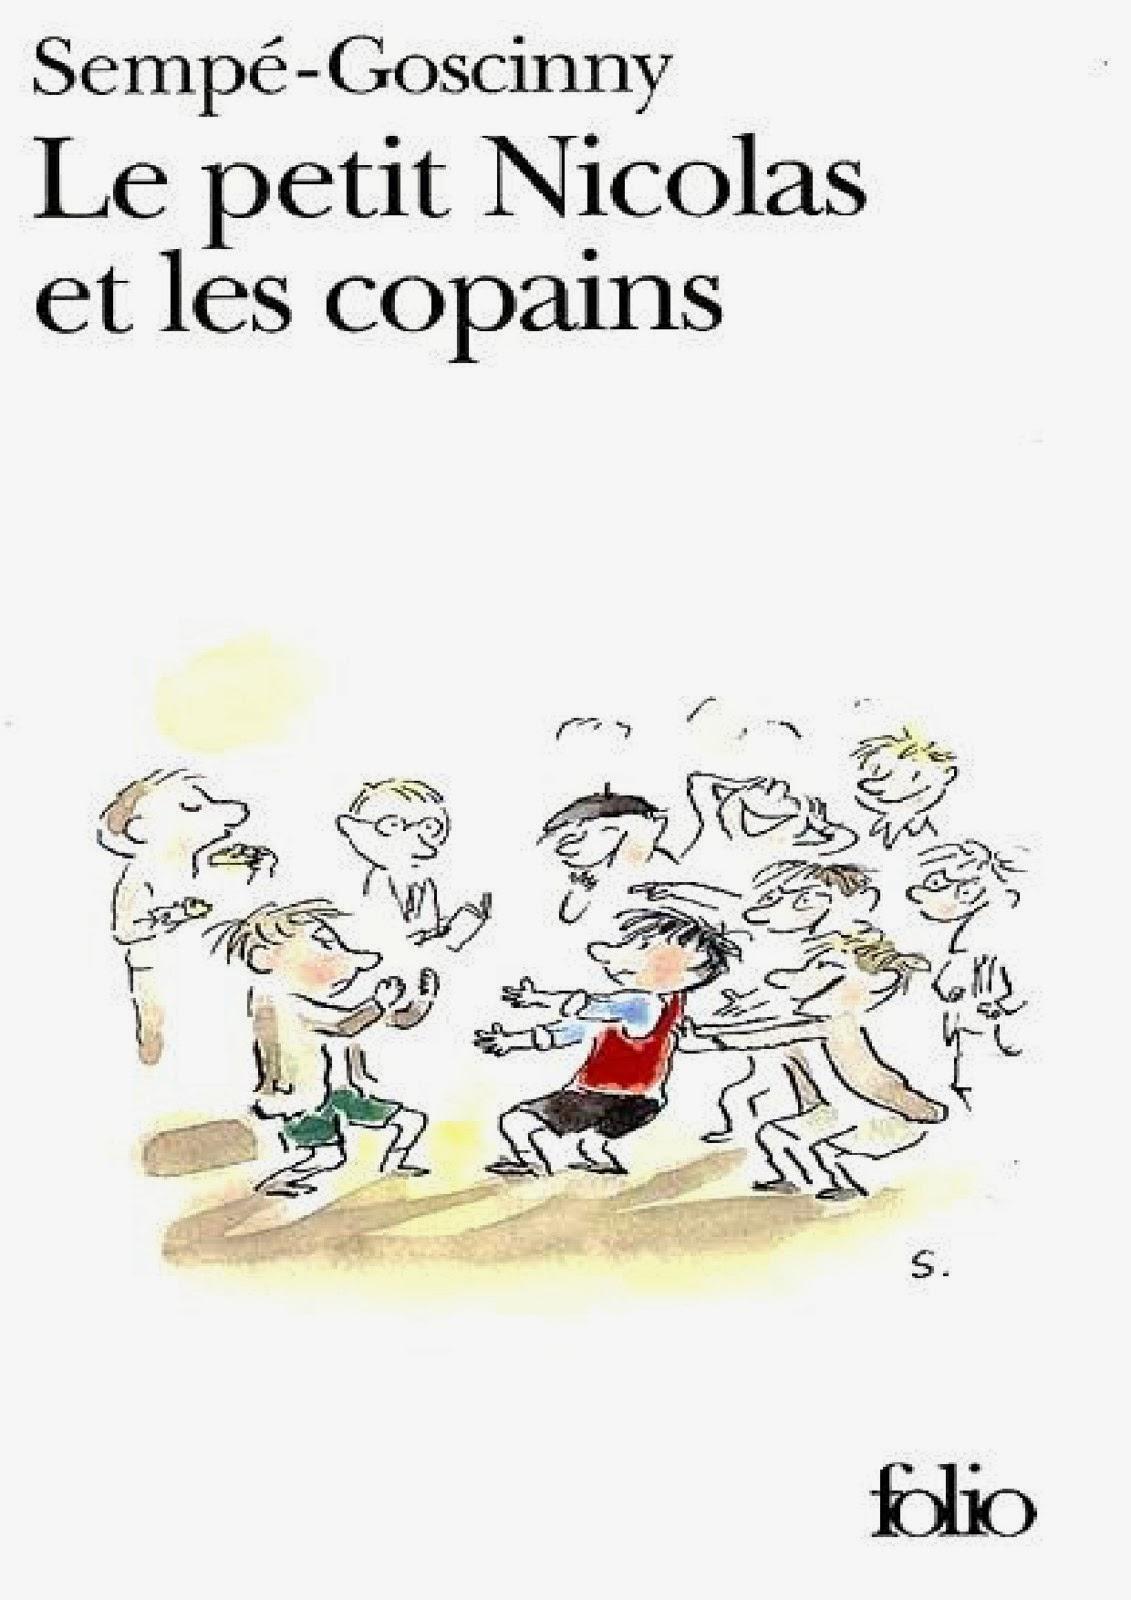 http://perle-de-nuit.blogspot.fr/2014/03/le-petit-nicolas-le-petit-nicolas-et.html